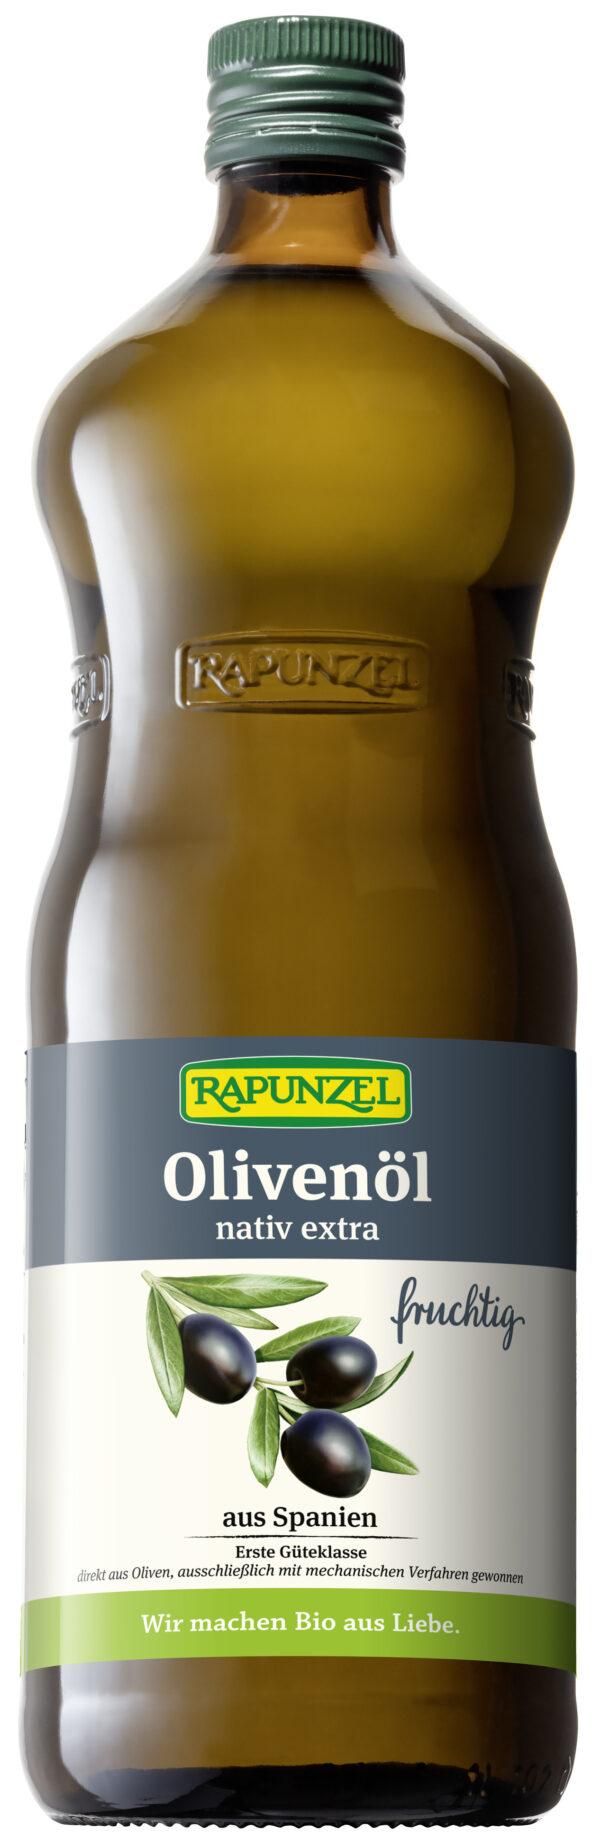 Rapunzel Olivenöl fruchtig, nativ extra 1l